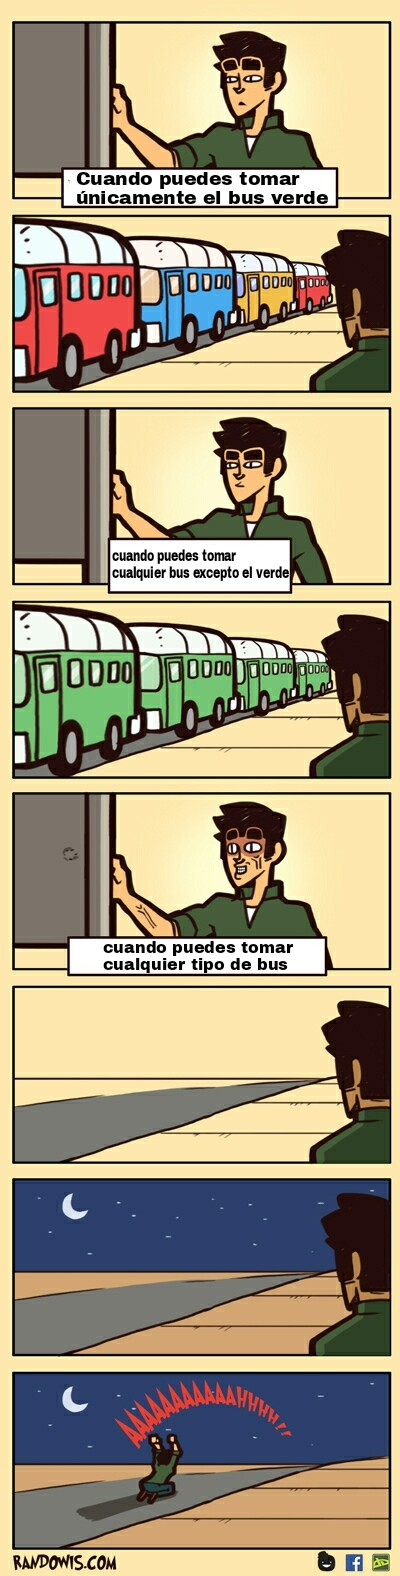 Tomando el bus - meme